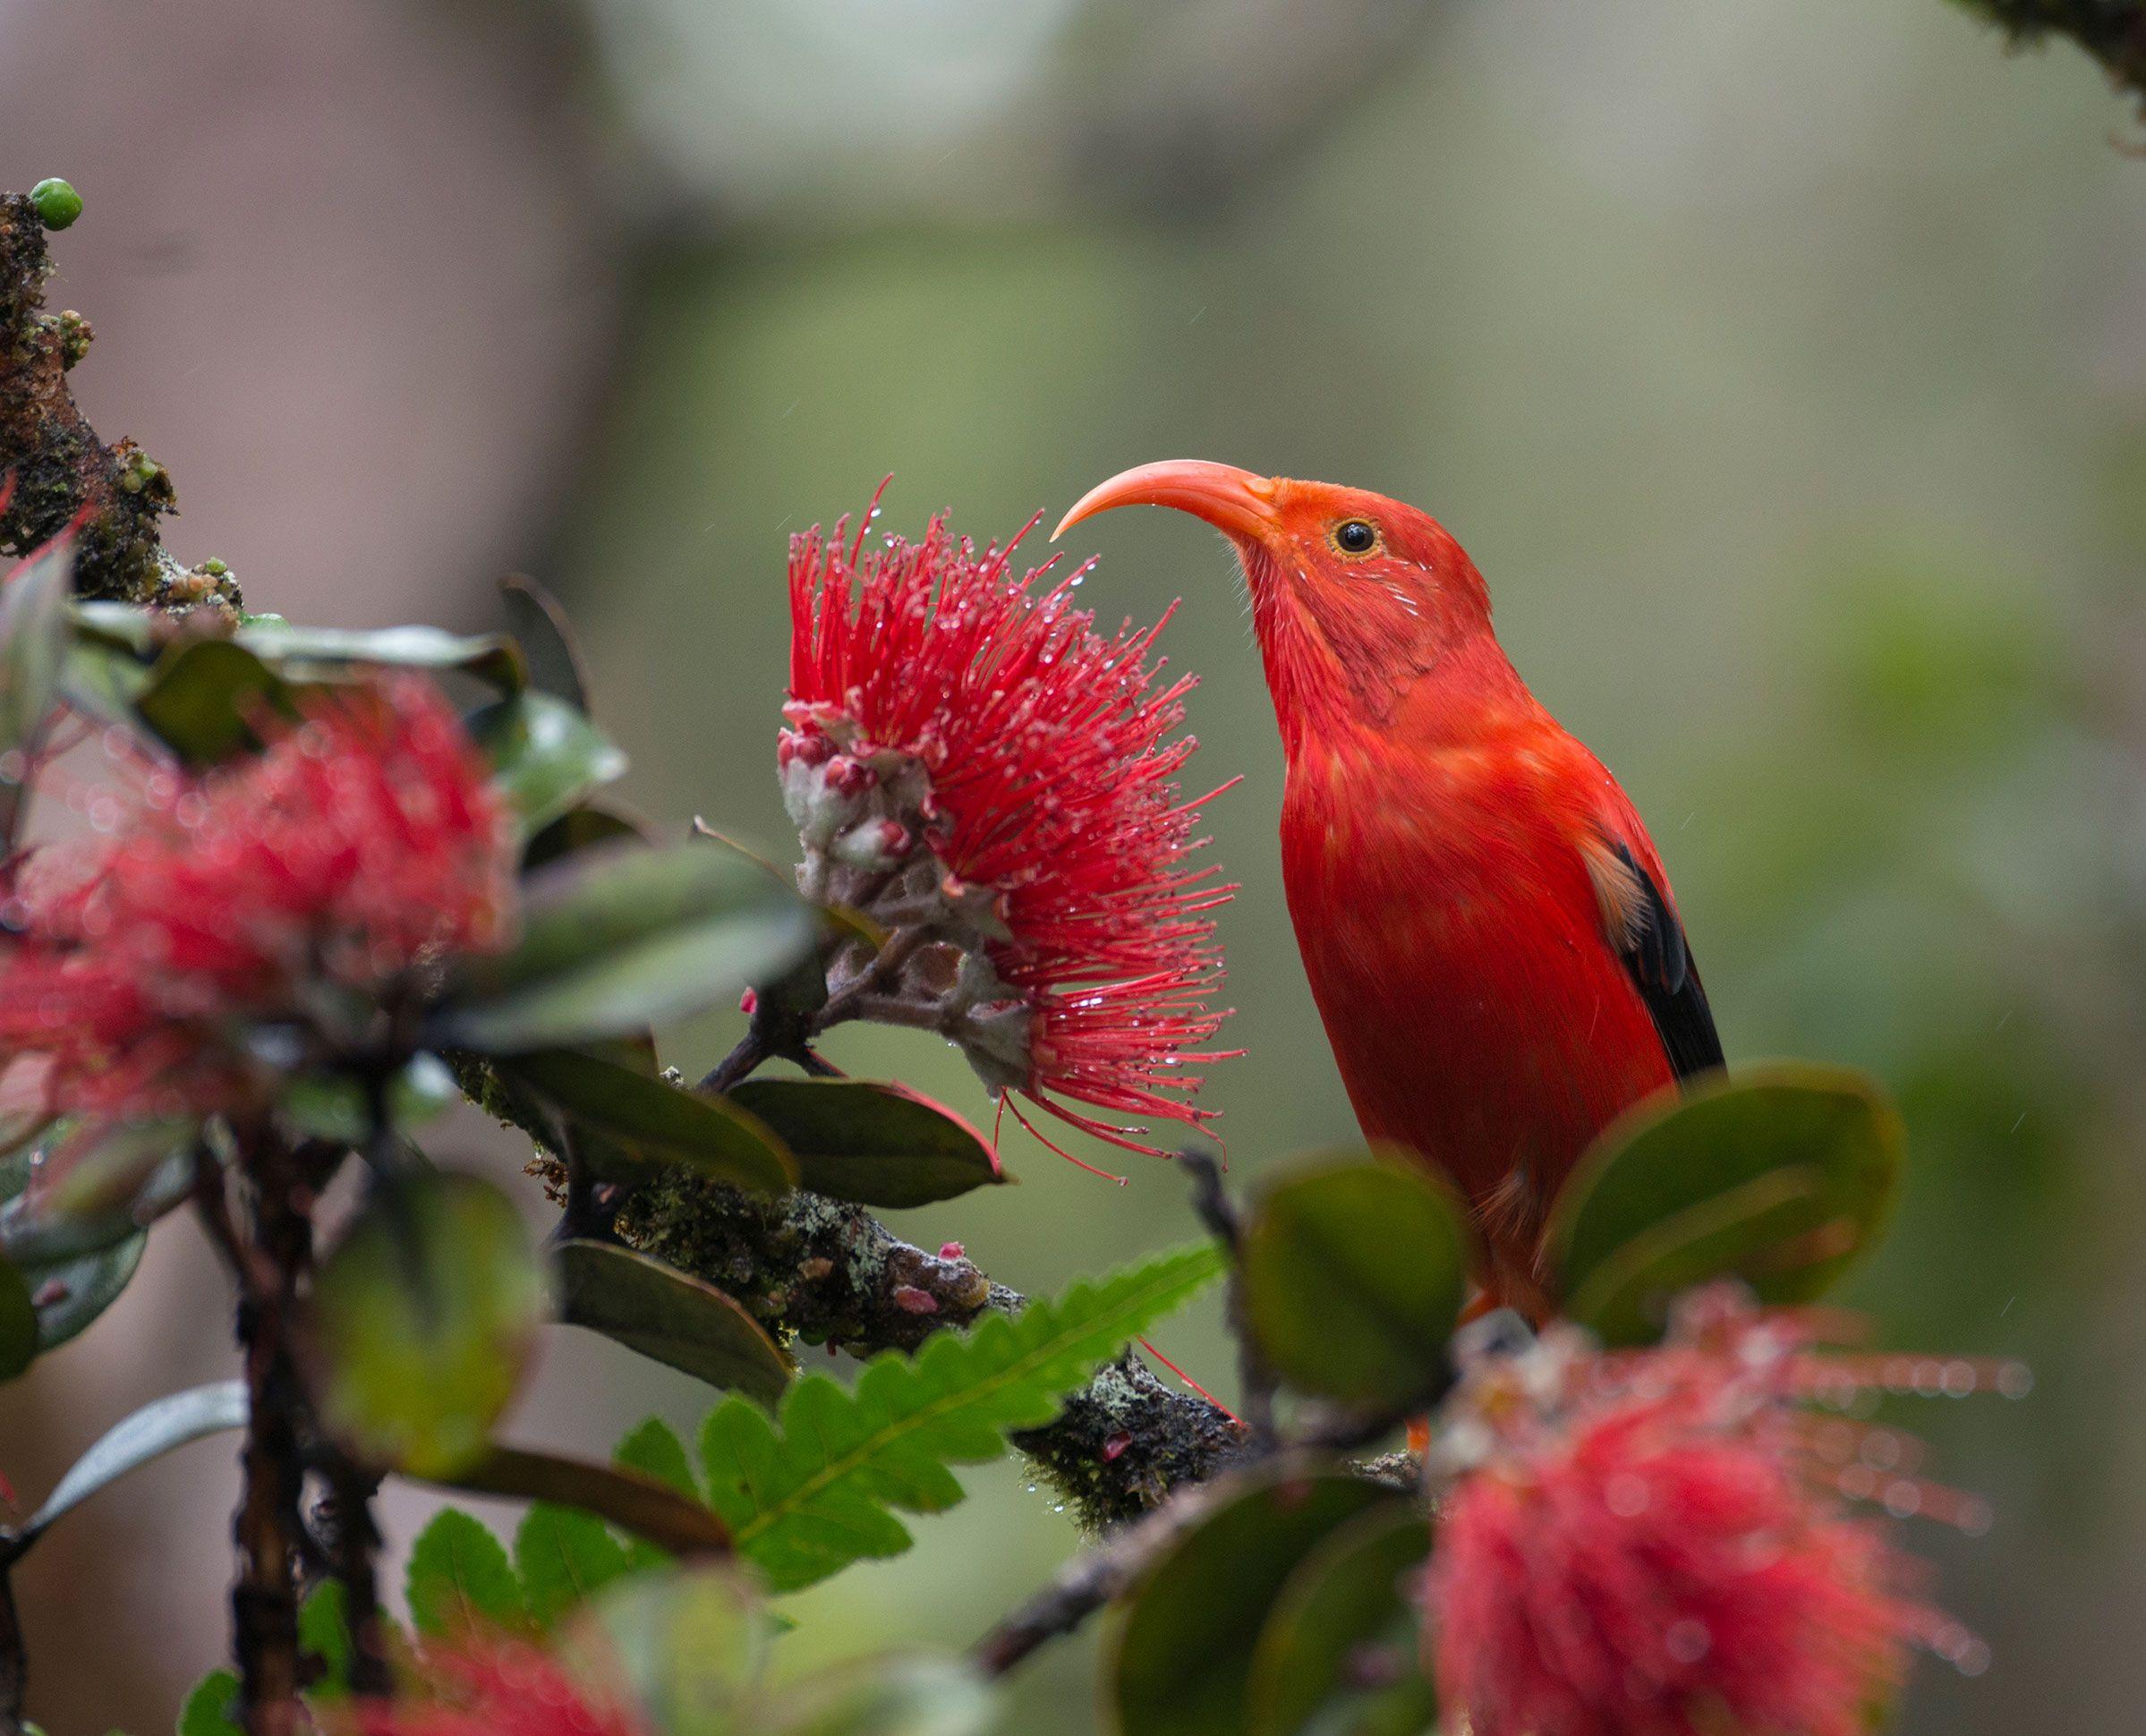 Keeping Hope Alive For Hawaii's Iiwi Birds, Bird